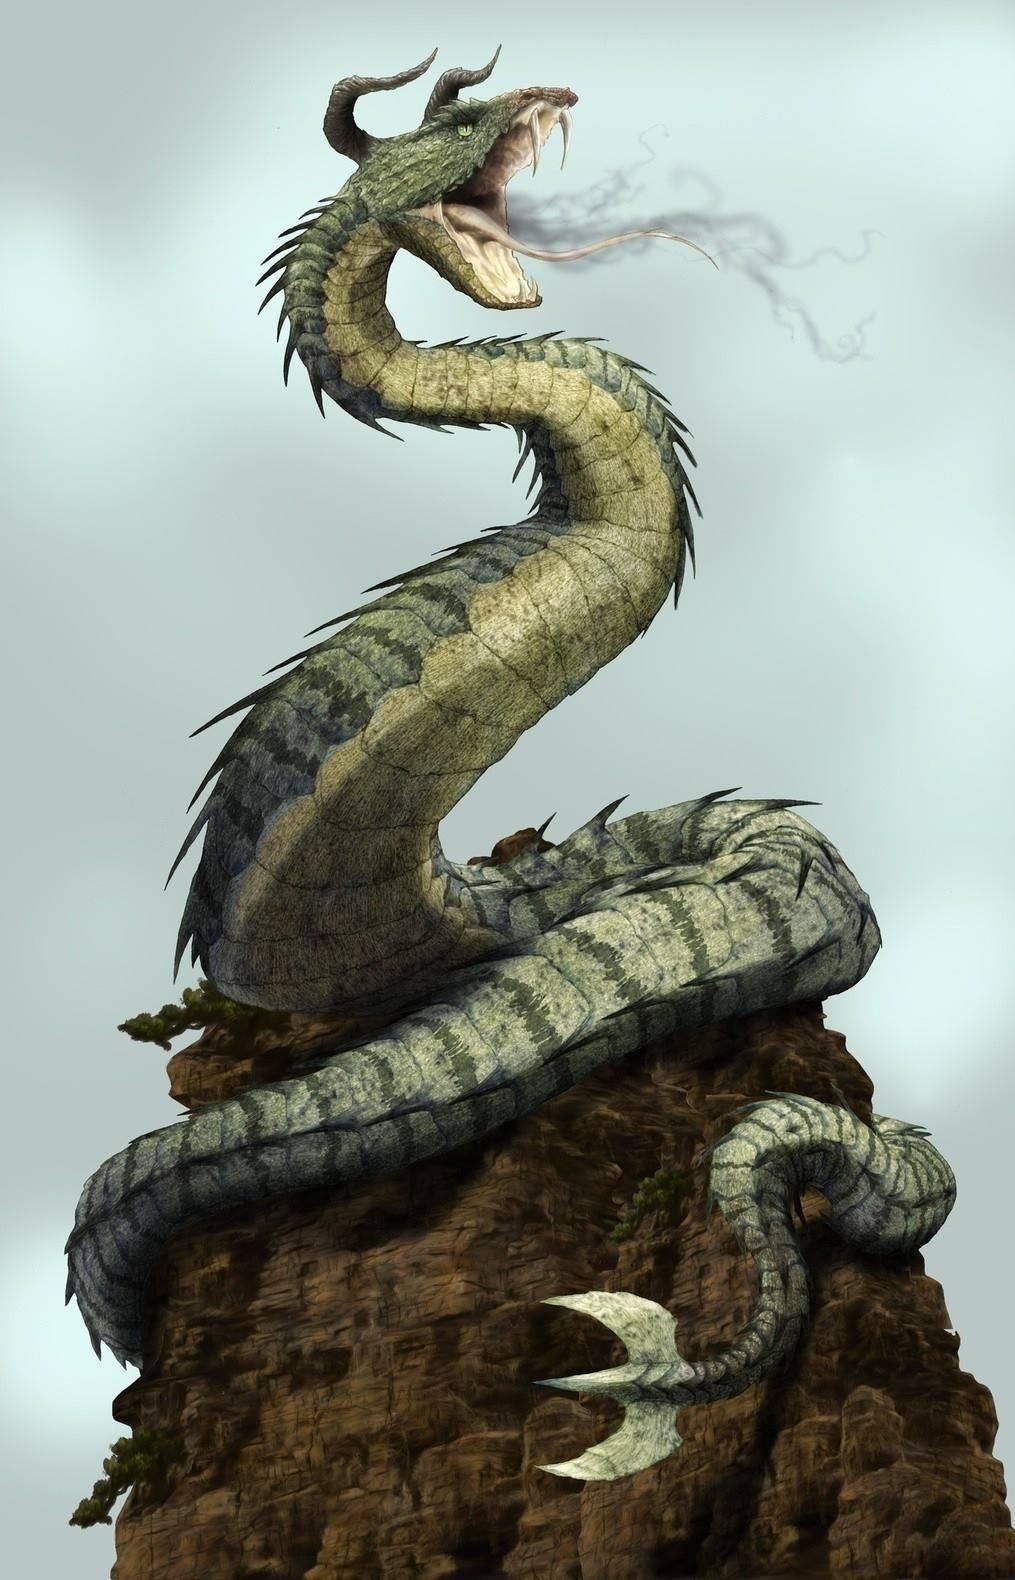 Амфисбена — двуглавая змея из древнегреческих мифов. в мире досуга: двухголовая змея бывают ли двухголовые змеи